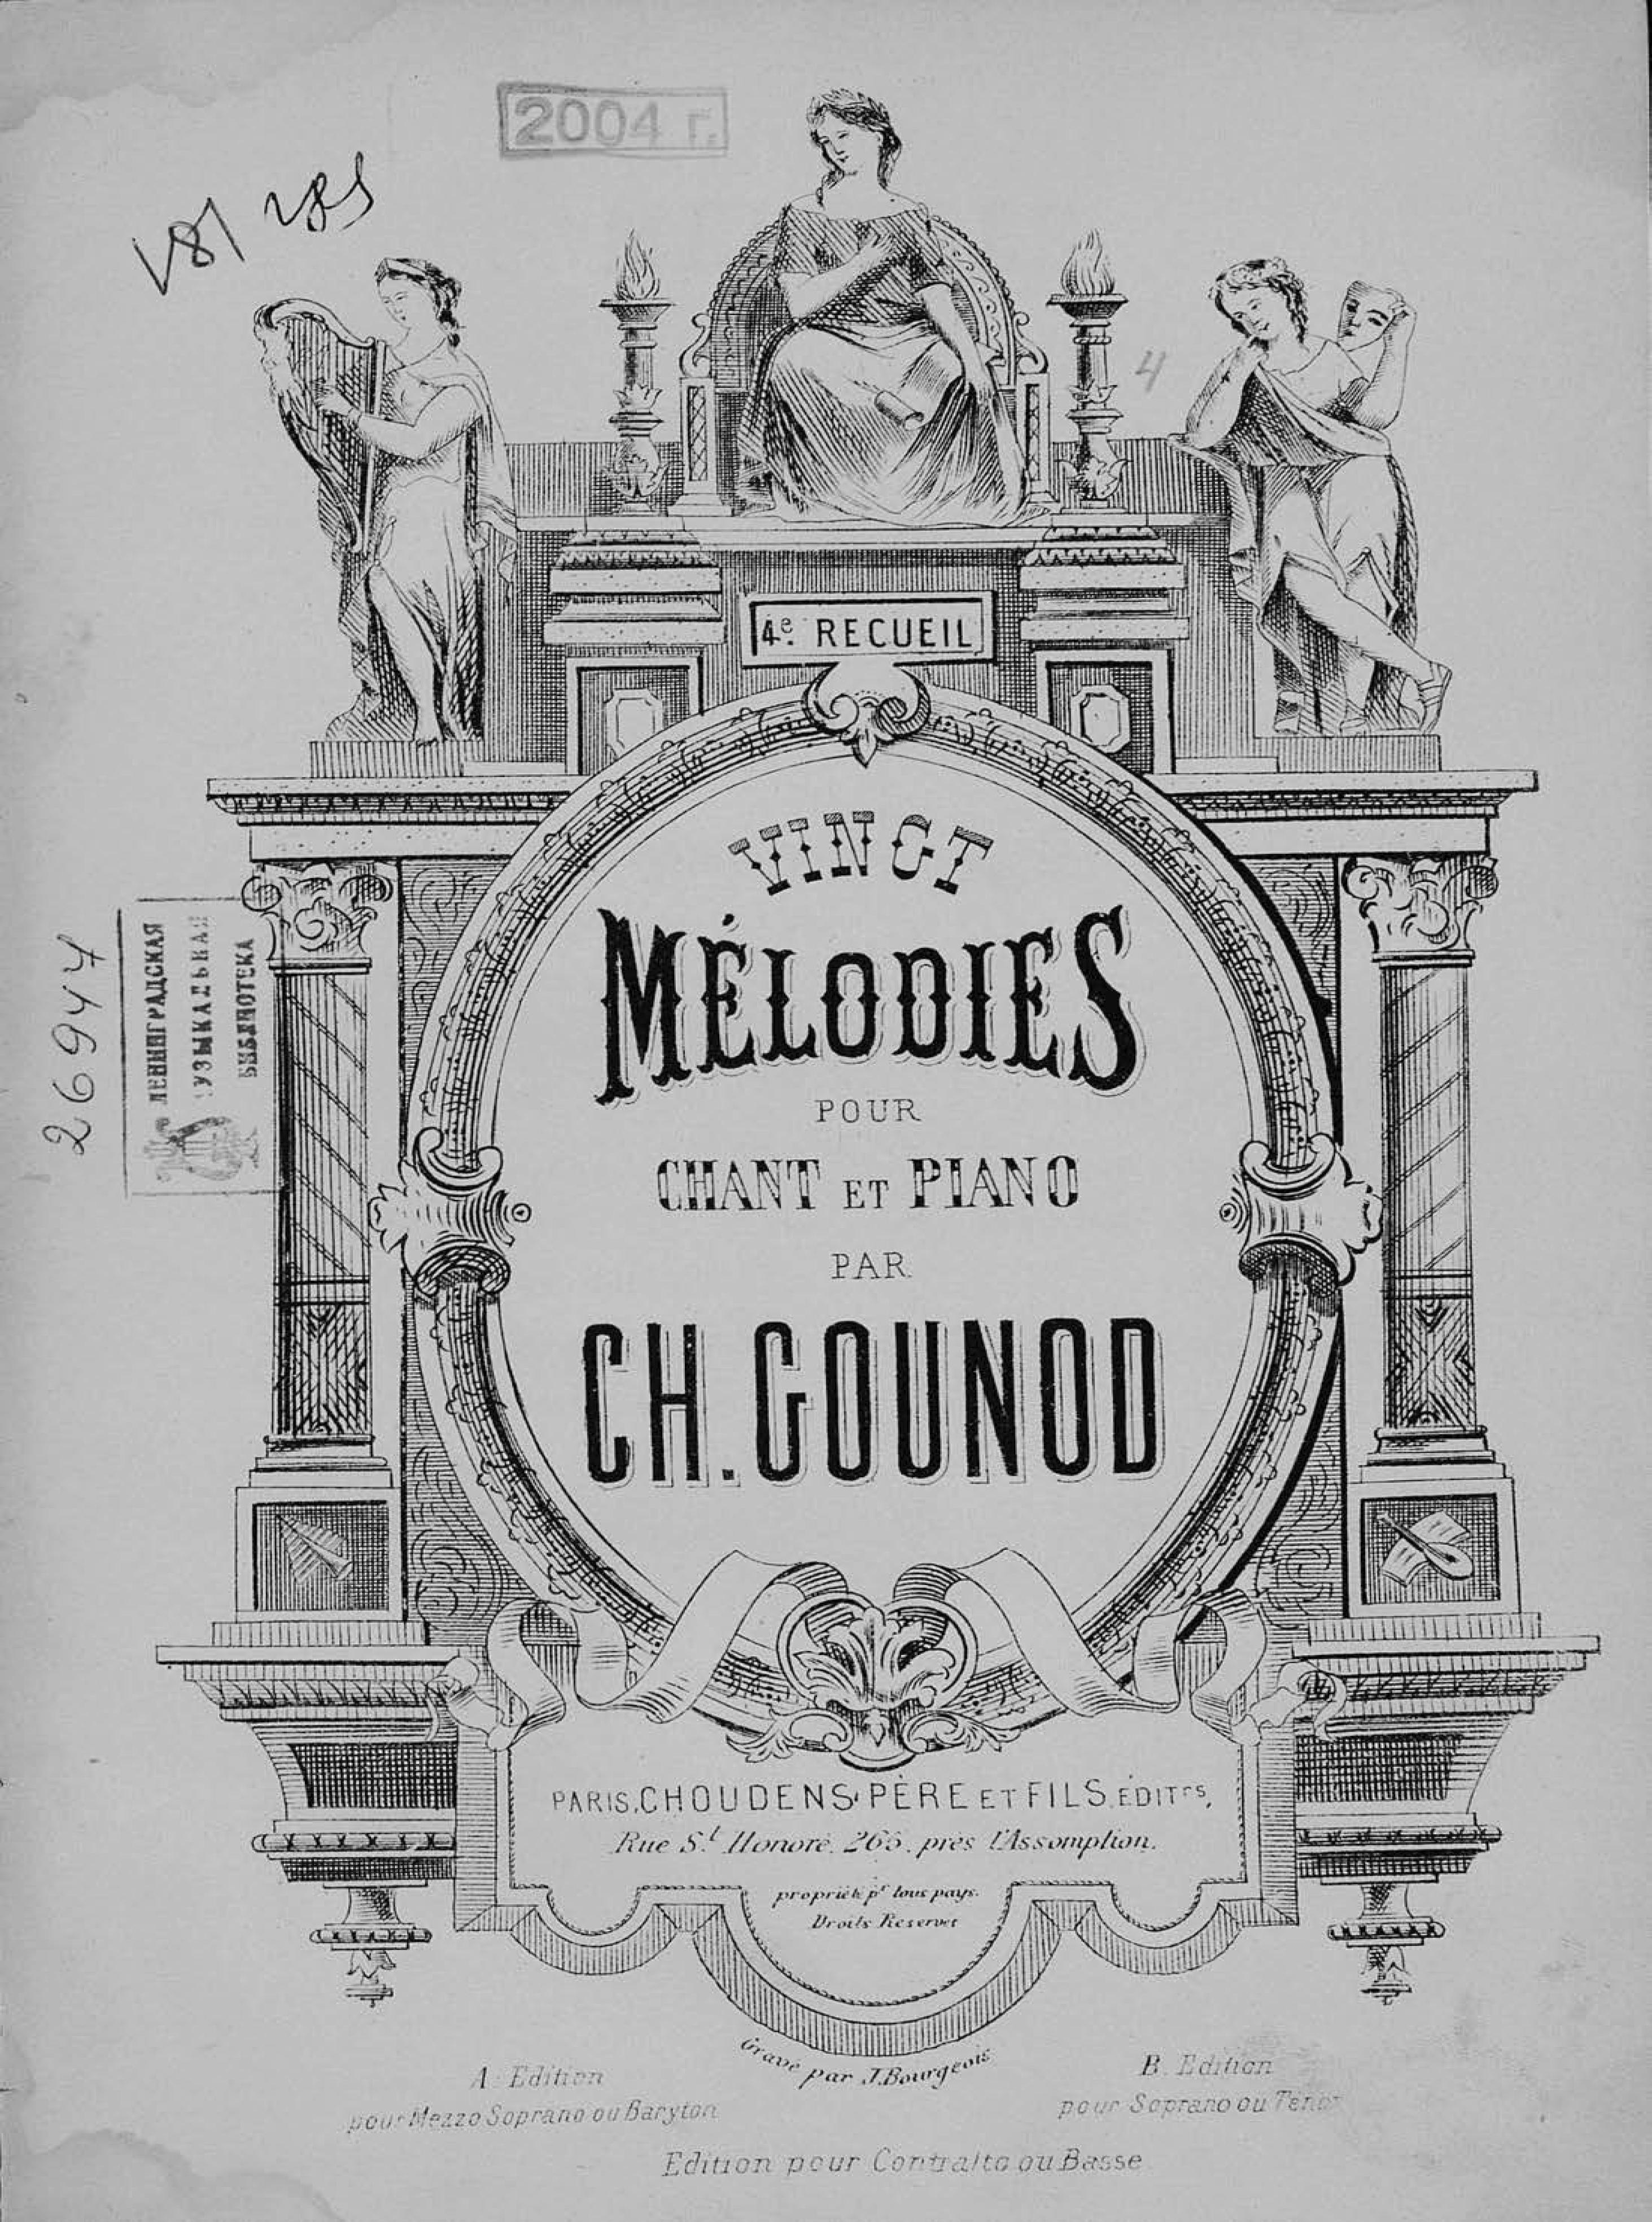 Шарль Франсуа Гуно Melodies pour chant et piano par Ch. Gounod габриель урбен форе vingt melodies pour chant et piano par gabriel faure